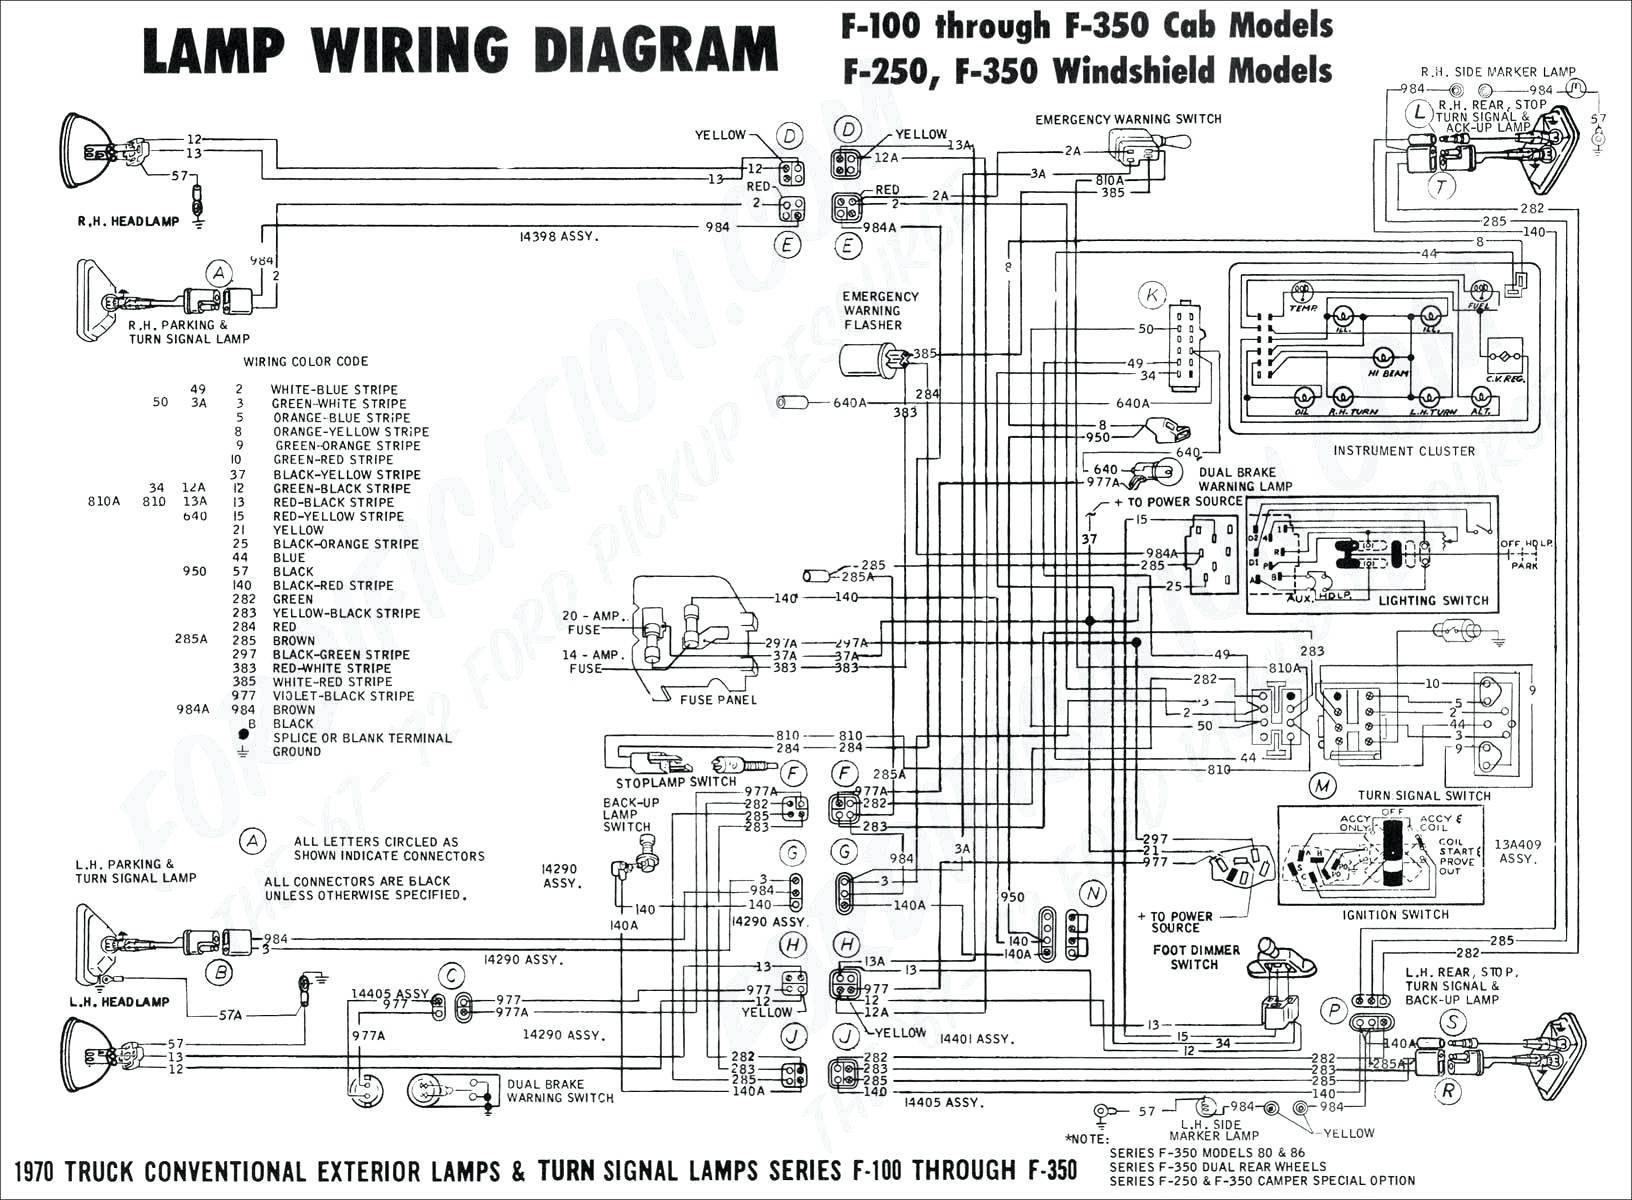 2001 ford Windstar Engine Diagram 1986 ford F350 Fuse Box Diagram Wiring Diagram toolbox Of 2001 ford Windstar Engine Diagram